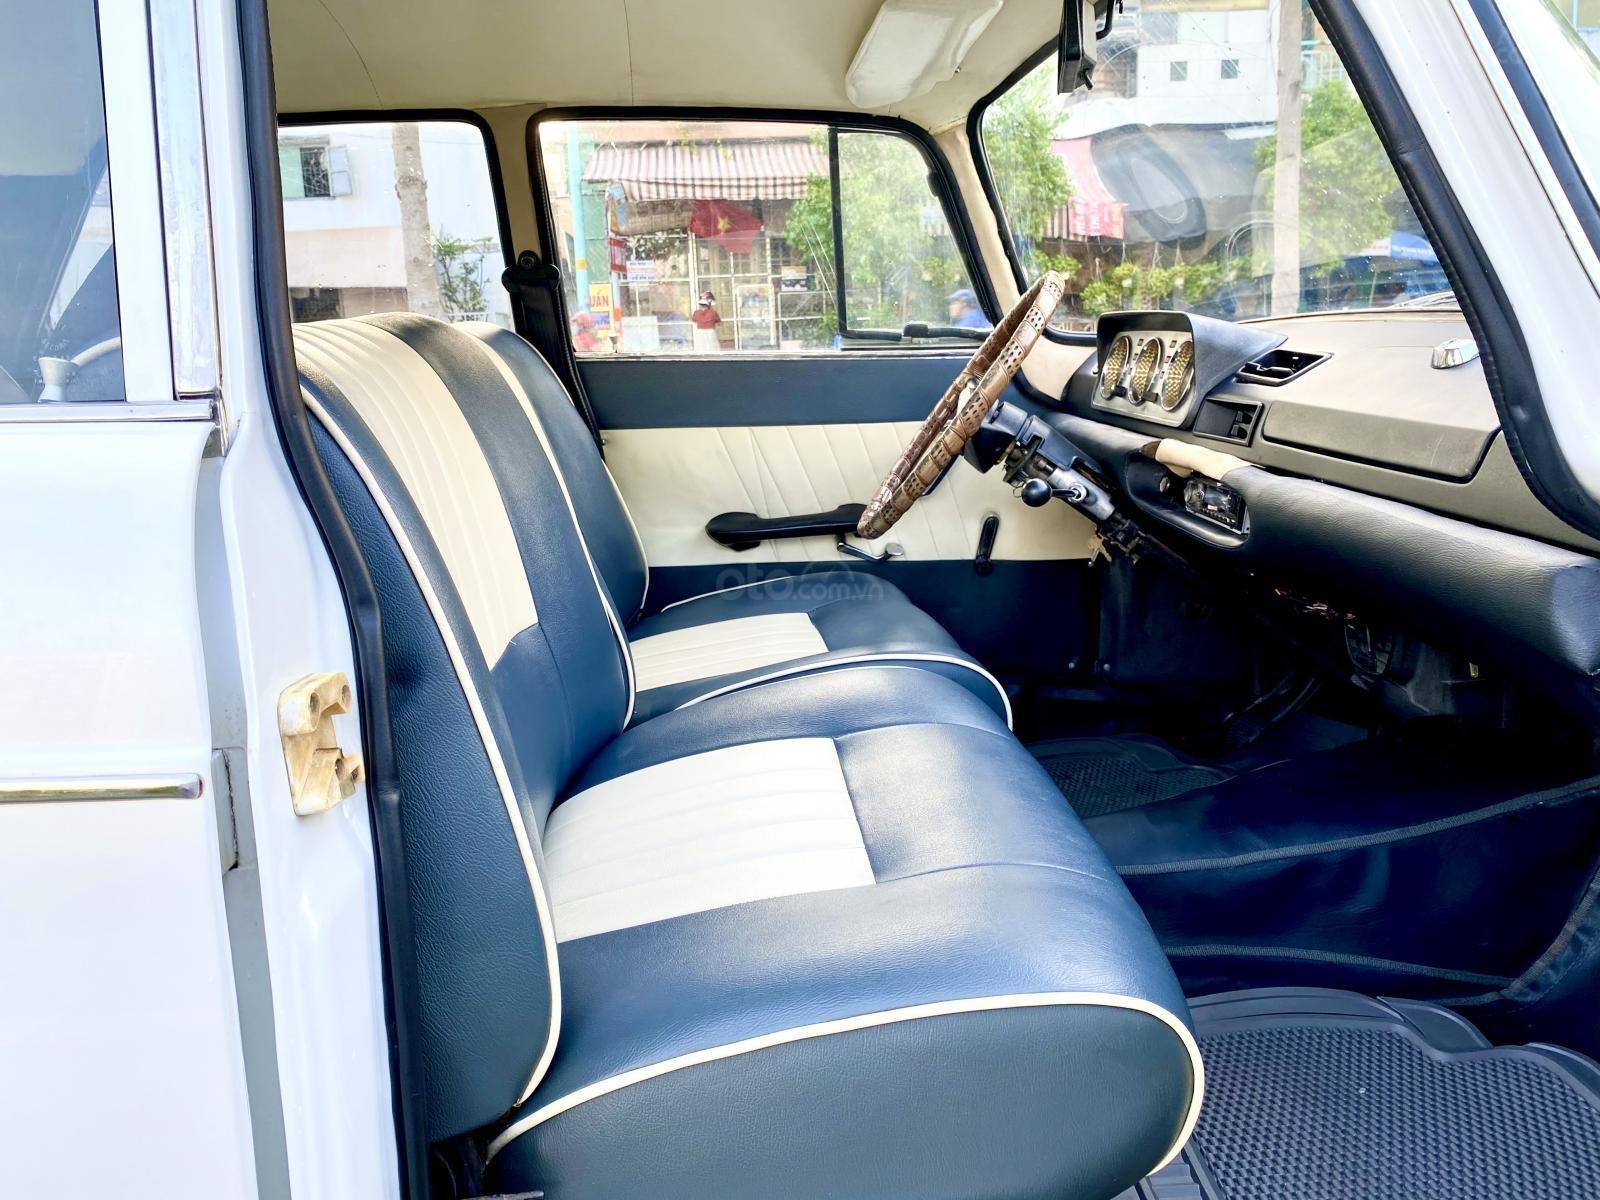 Peugeot nhập Pháp trước 1965 màu trắng, hàng full cao cấp, đủ đồ chơi không thiếu món nào, nội thất nệm da hai màu (4)